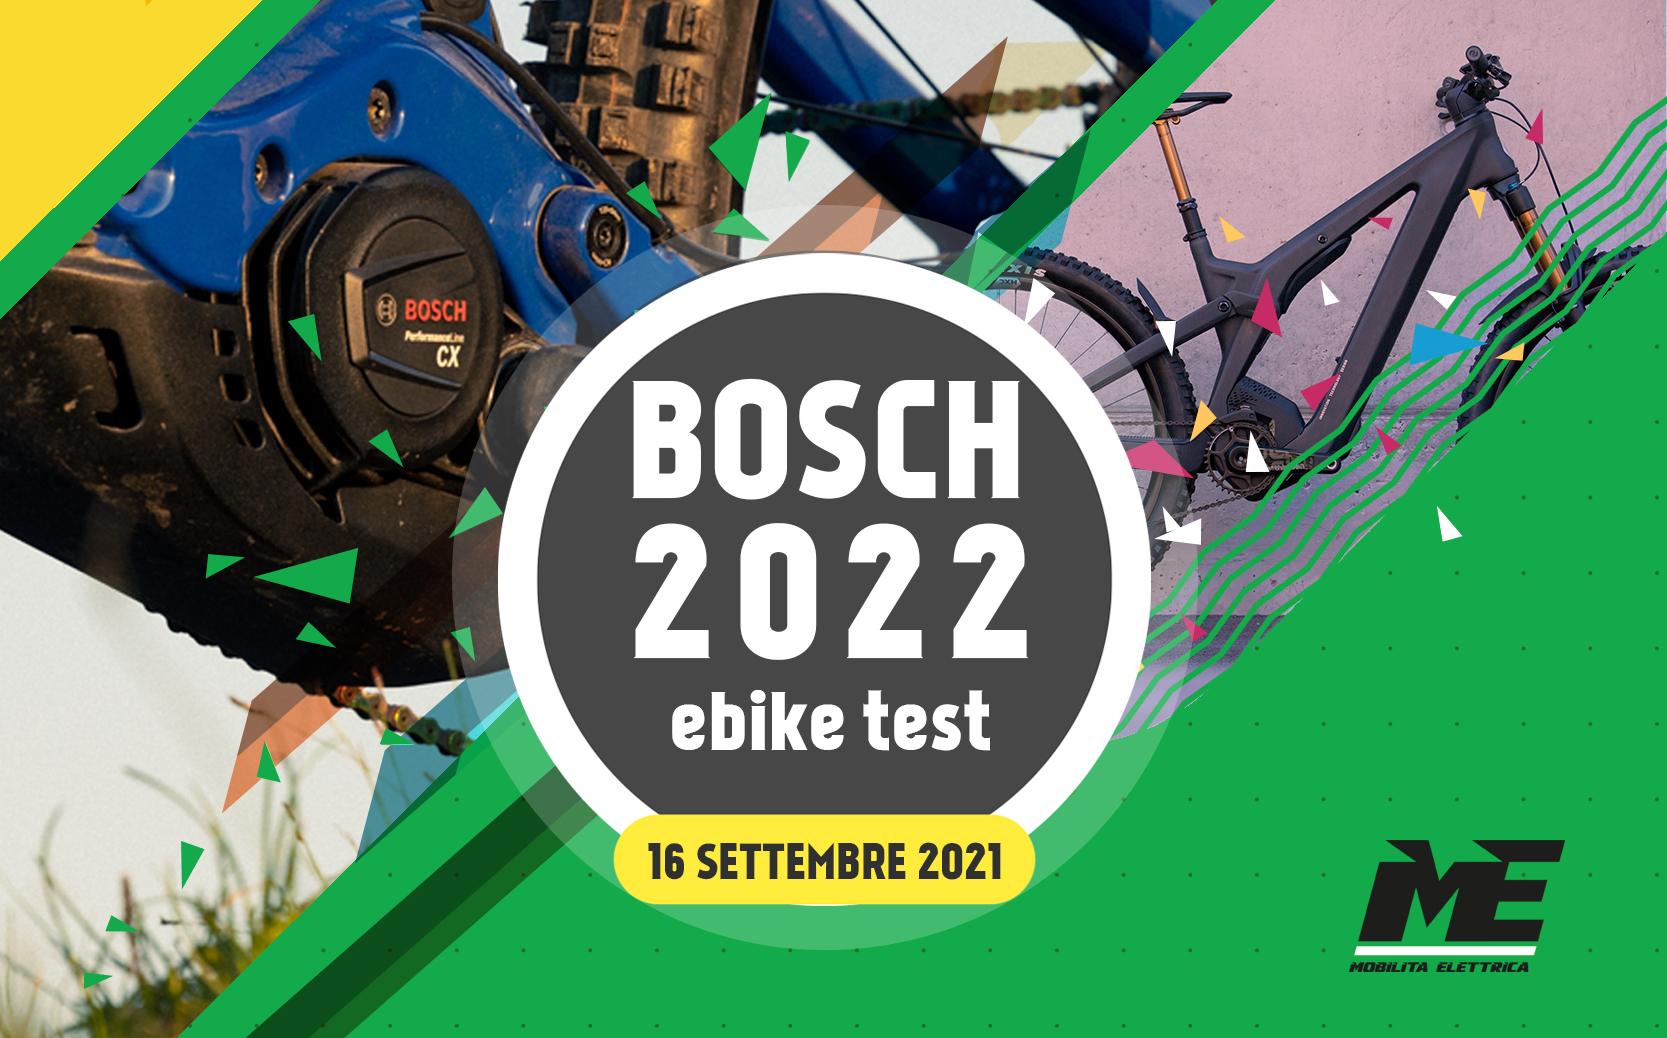 Ebike test nuovo bosch 2022 16 settembre blog